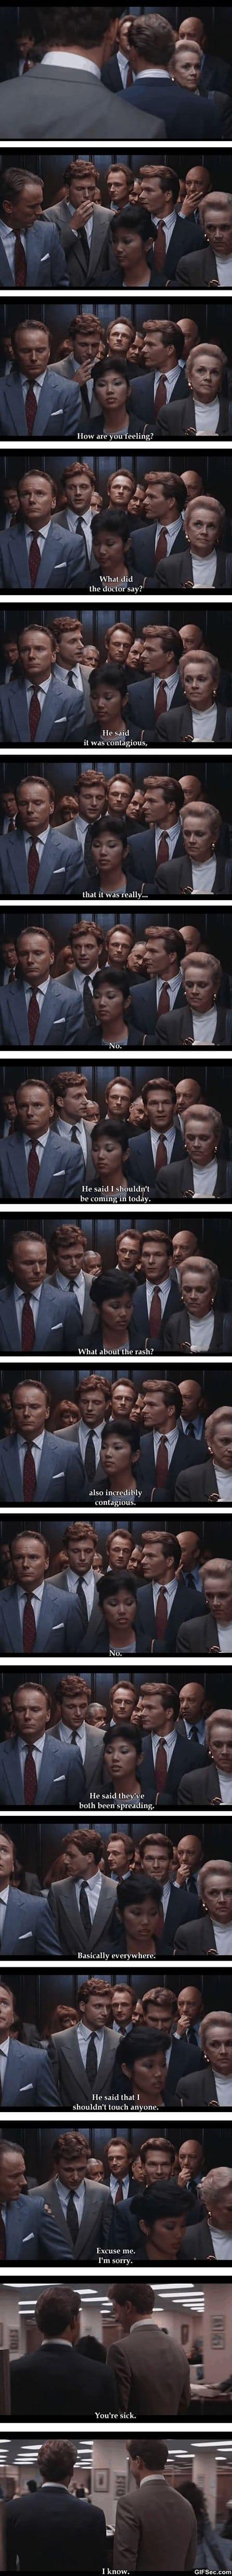 Funny - Fun in the elevator